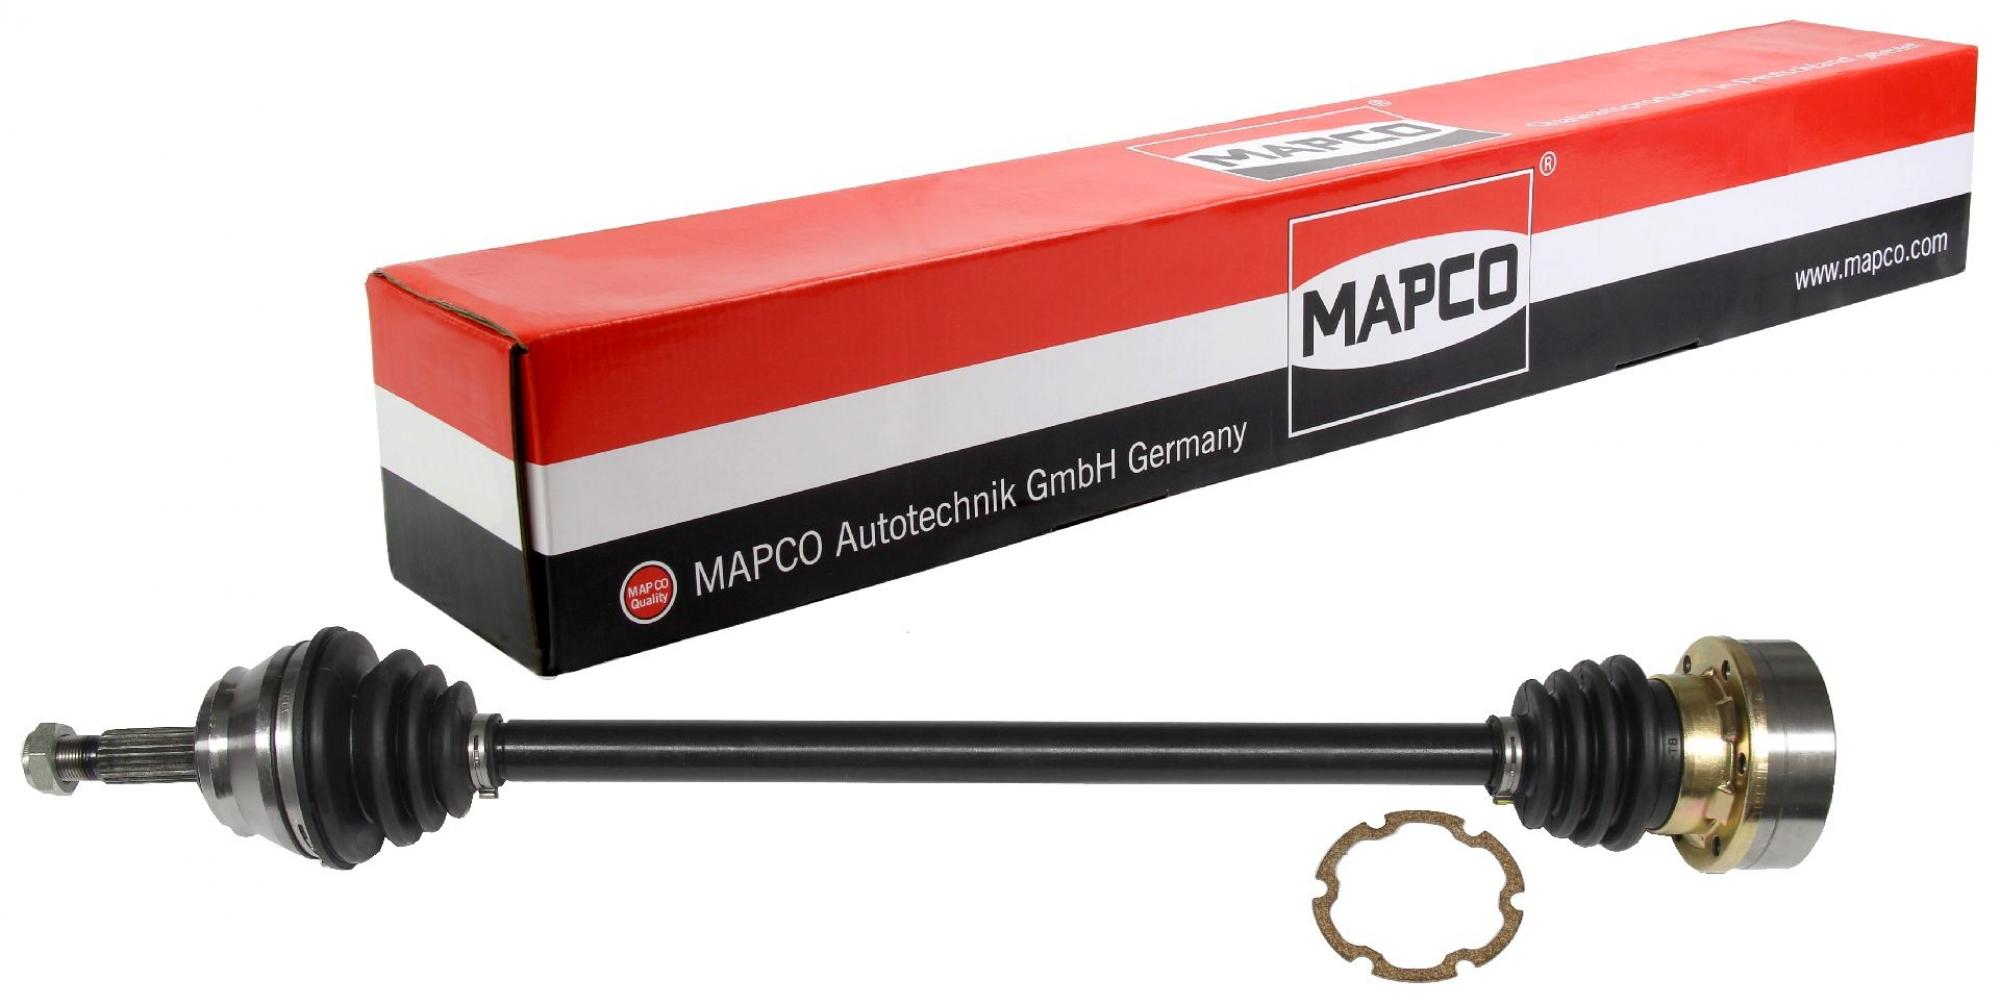 Mapco dünne & kurze Antriebswelle VW Audi Seat Skoda